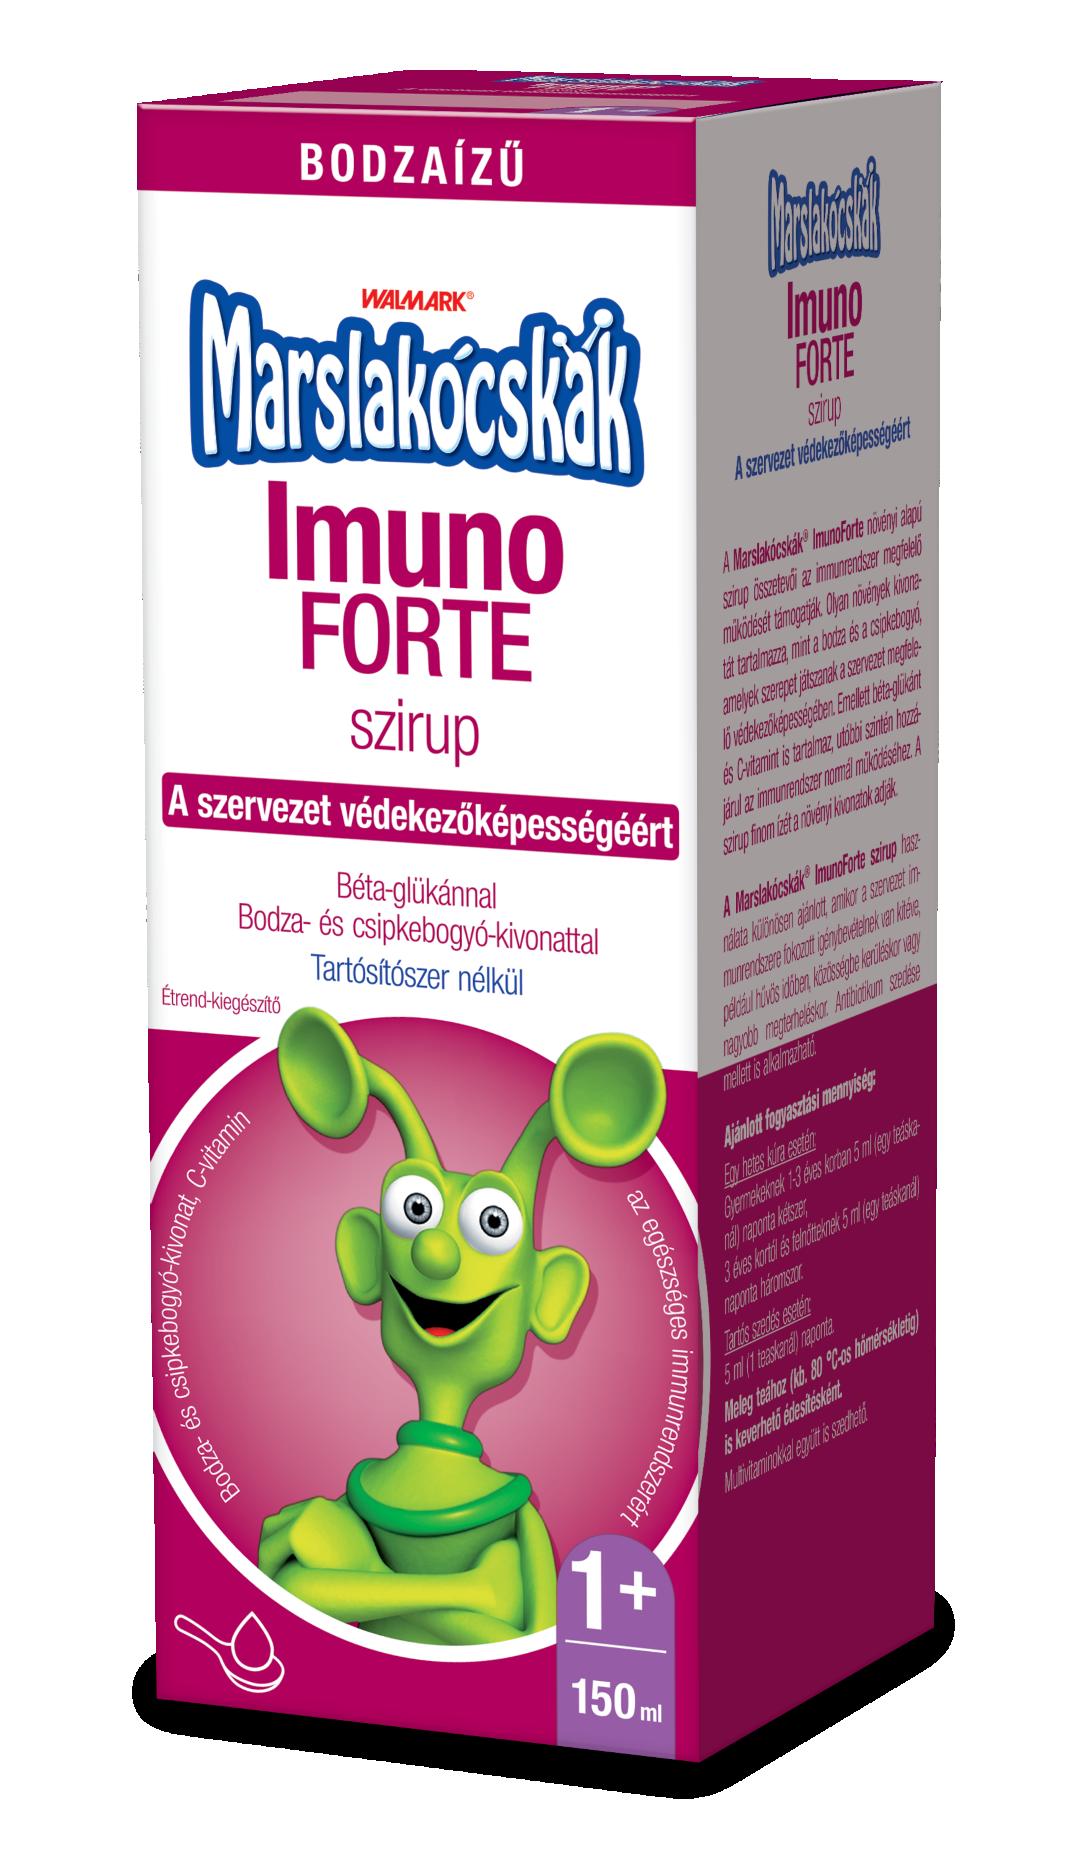 Marslakócskák Imuno Forte Szirup bodza íz 150ml